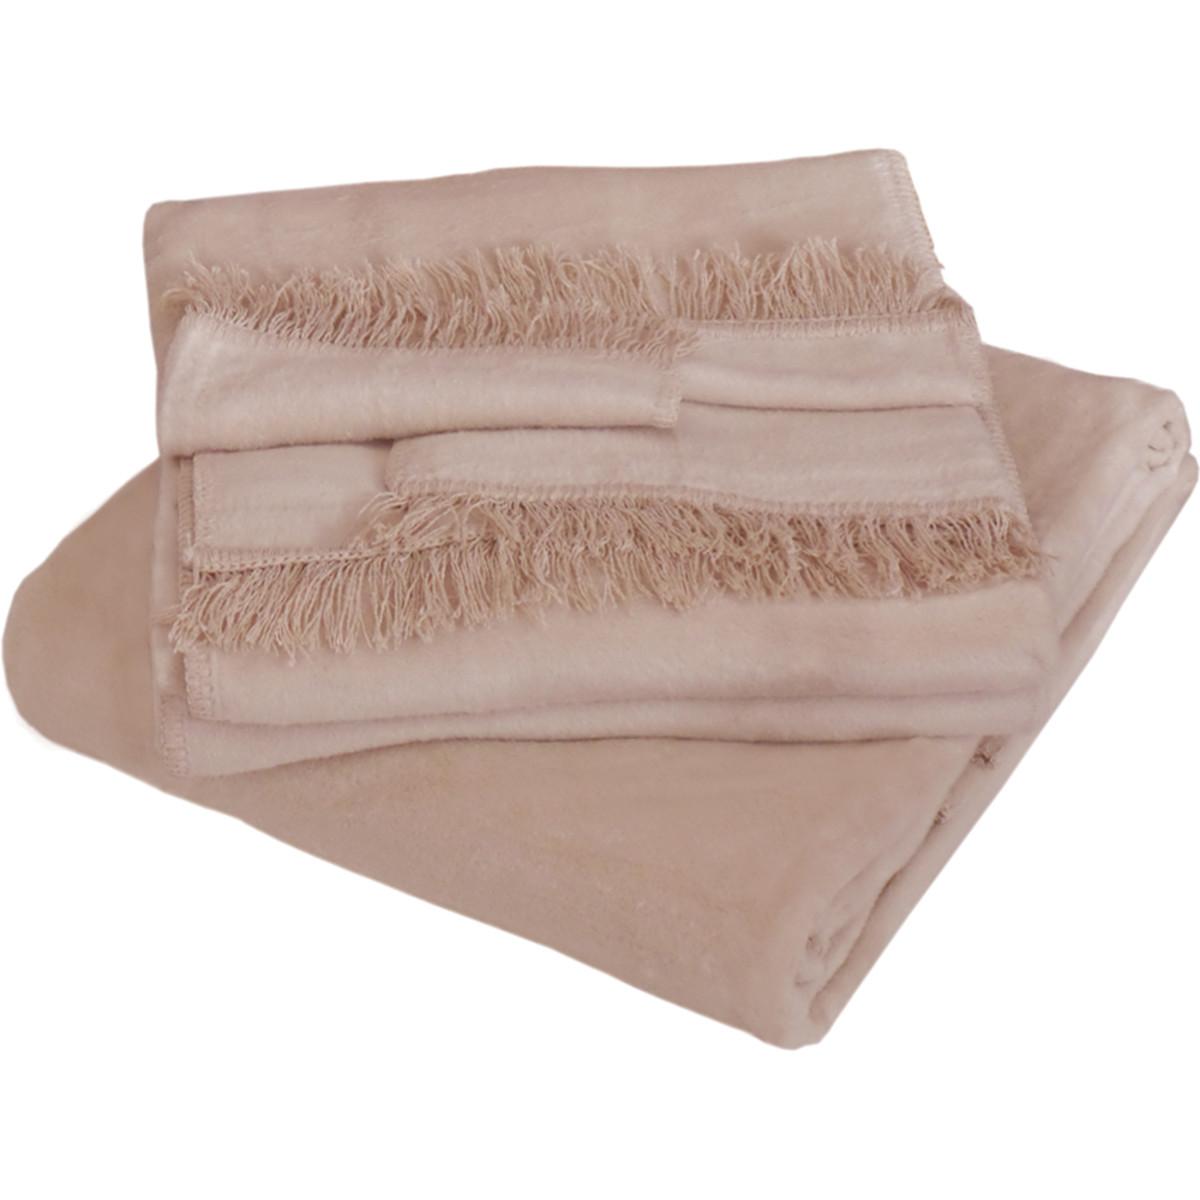 Набор накидок на мягкую мебель PATERS Cotton Пастила 150х200 см